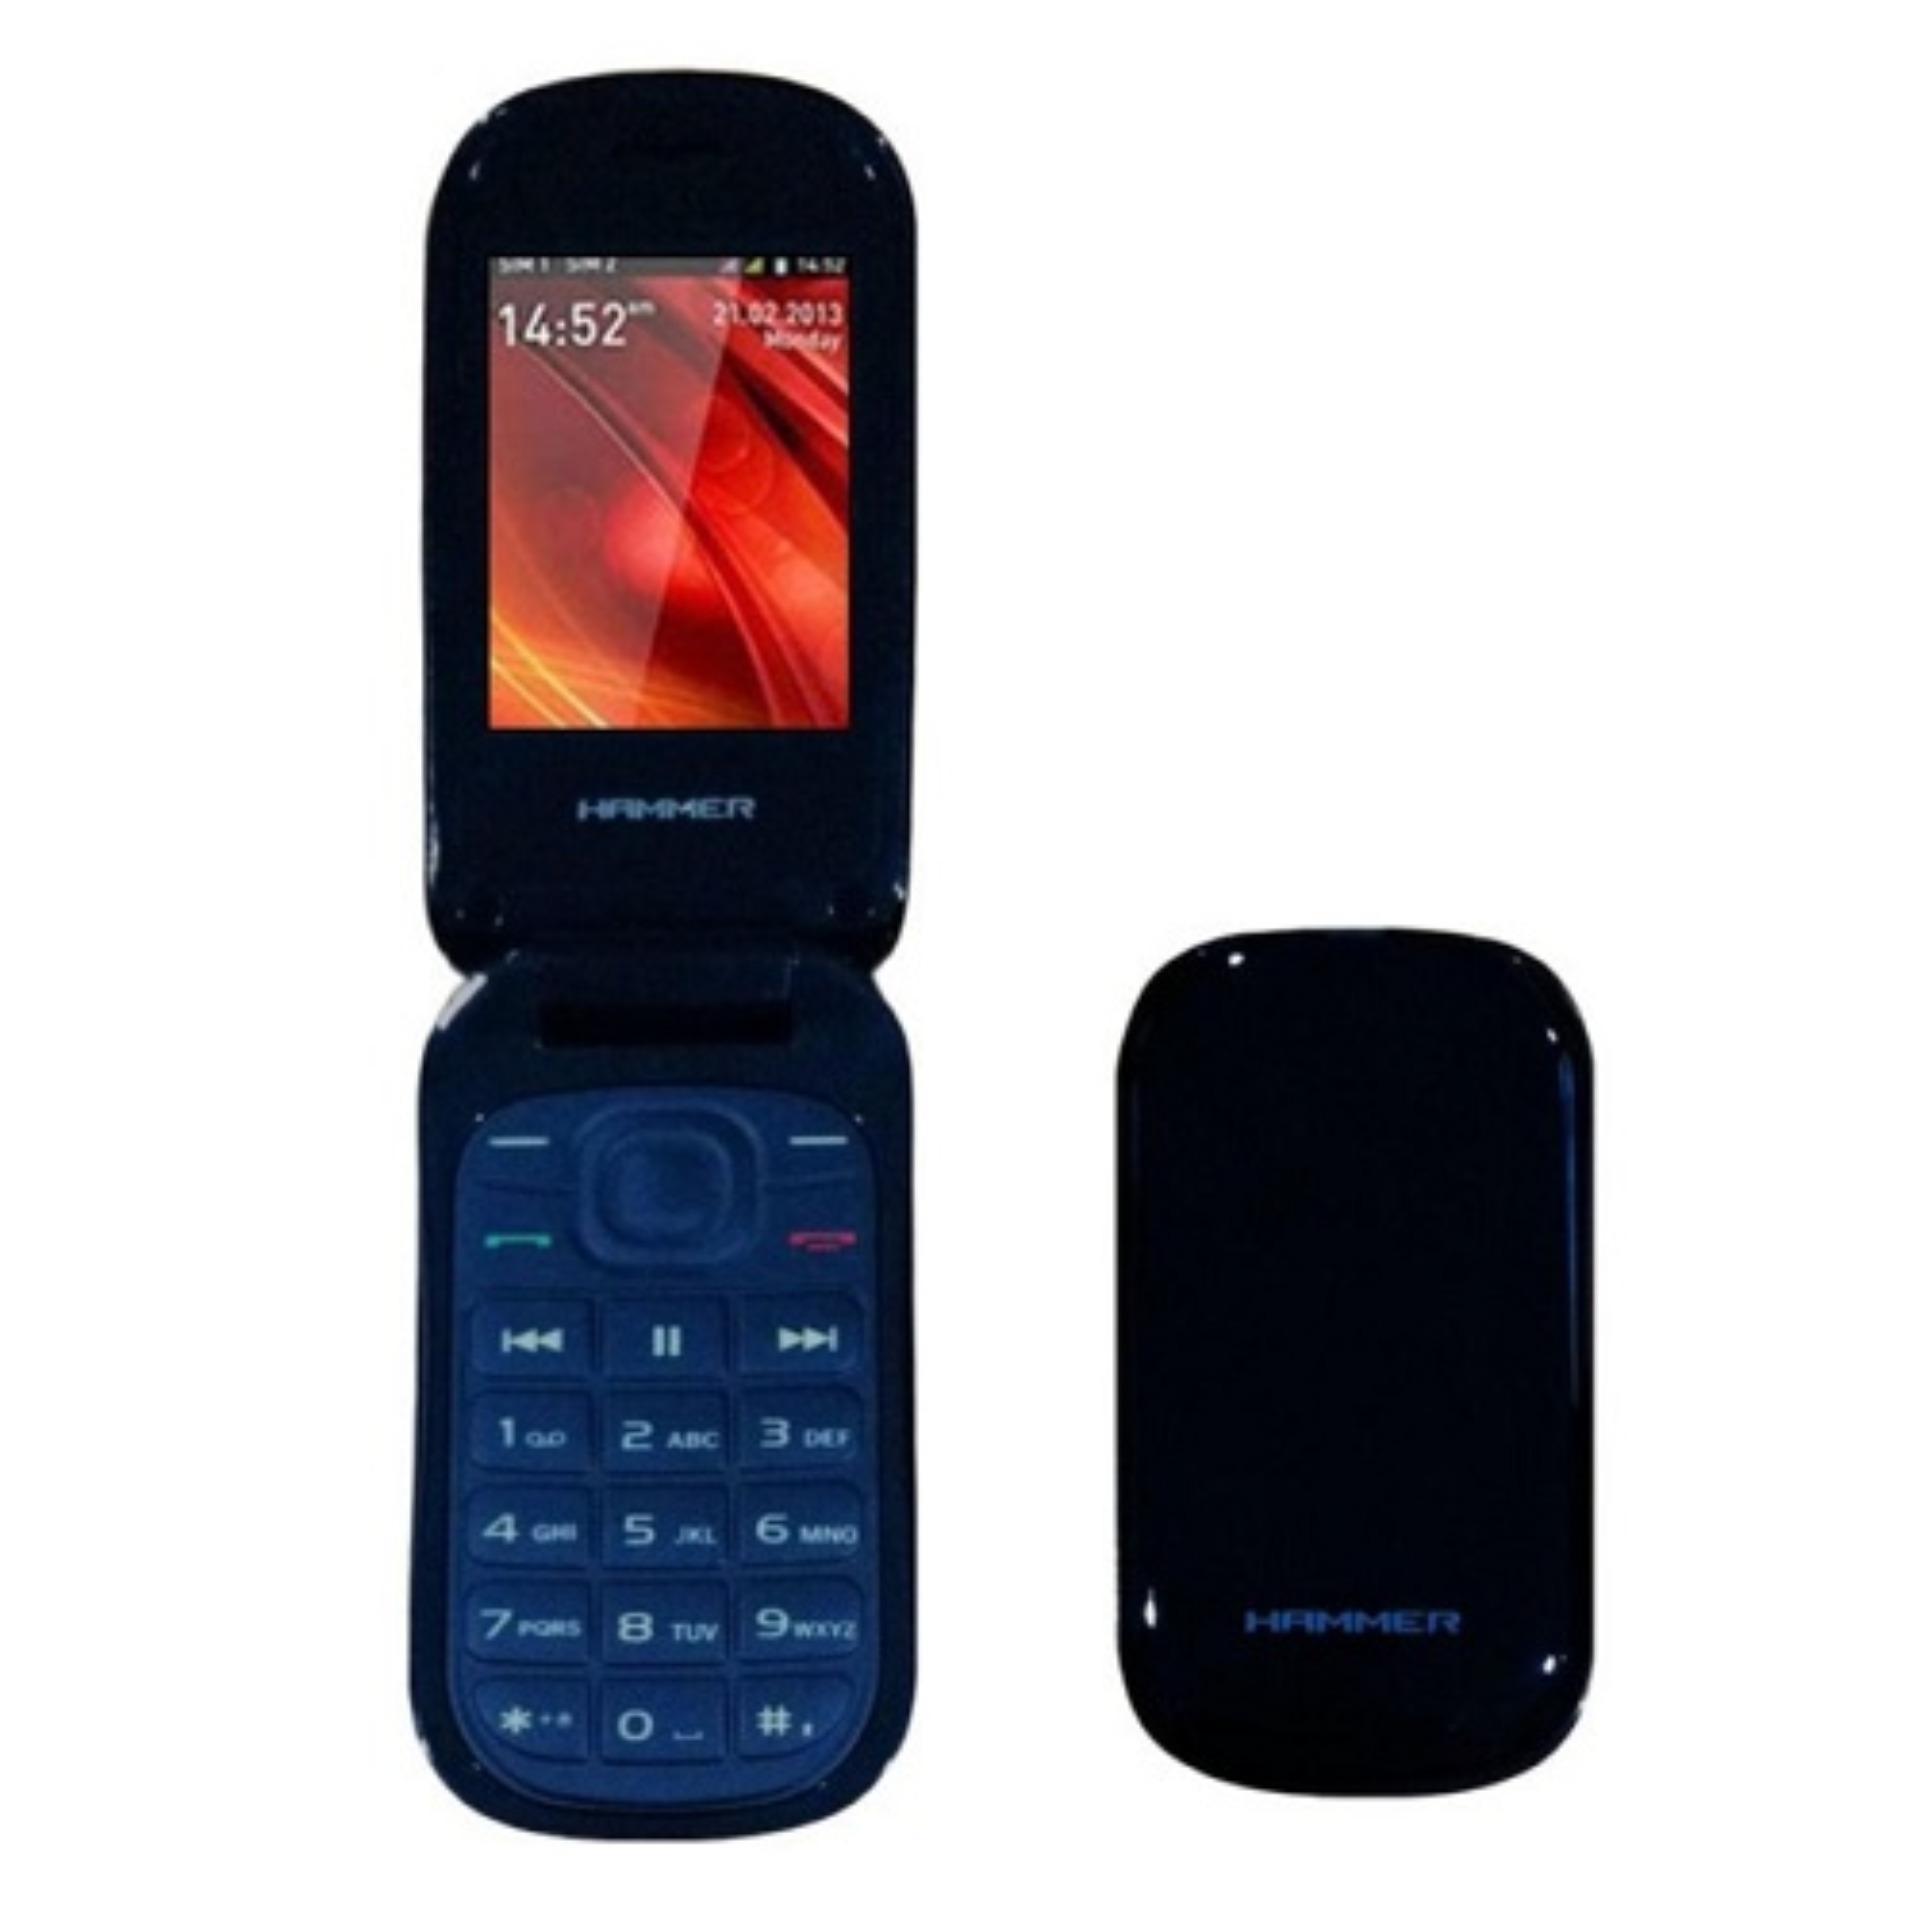 Beli Handphone Advan R3E Di Indonesia